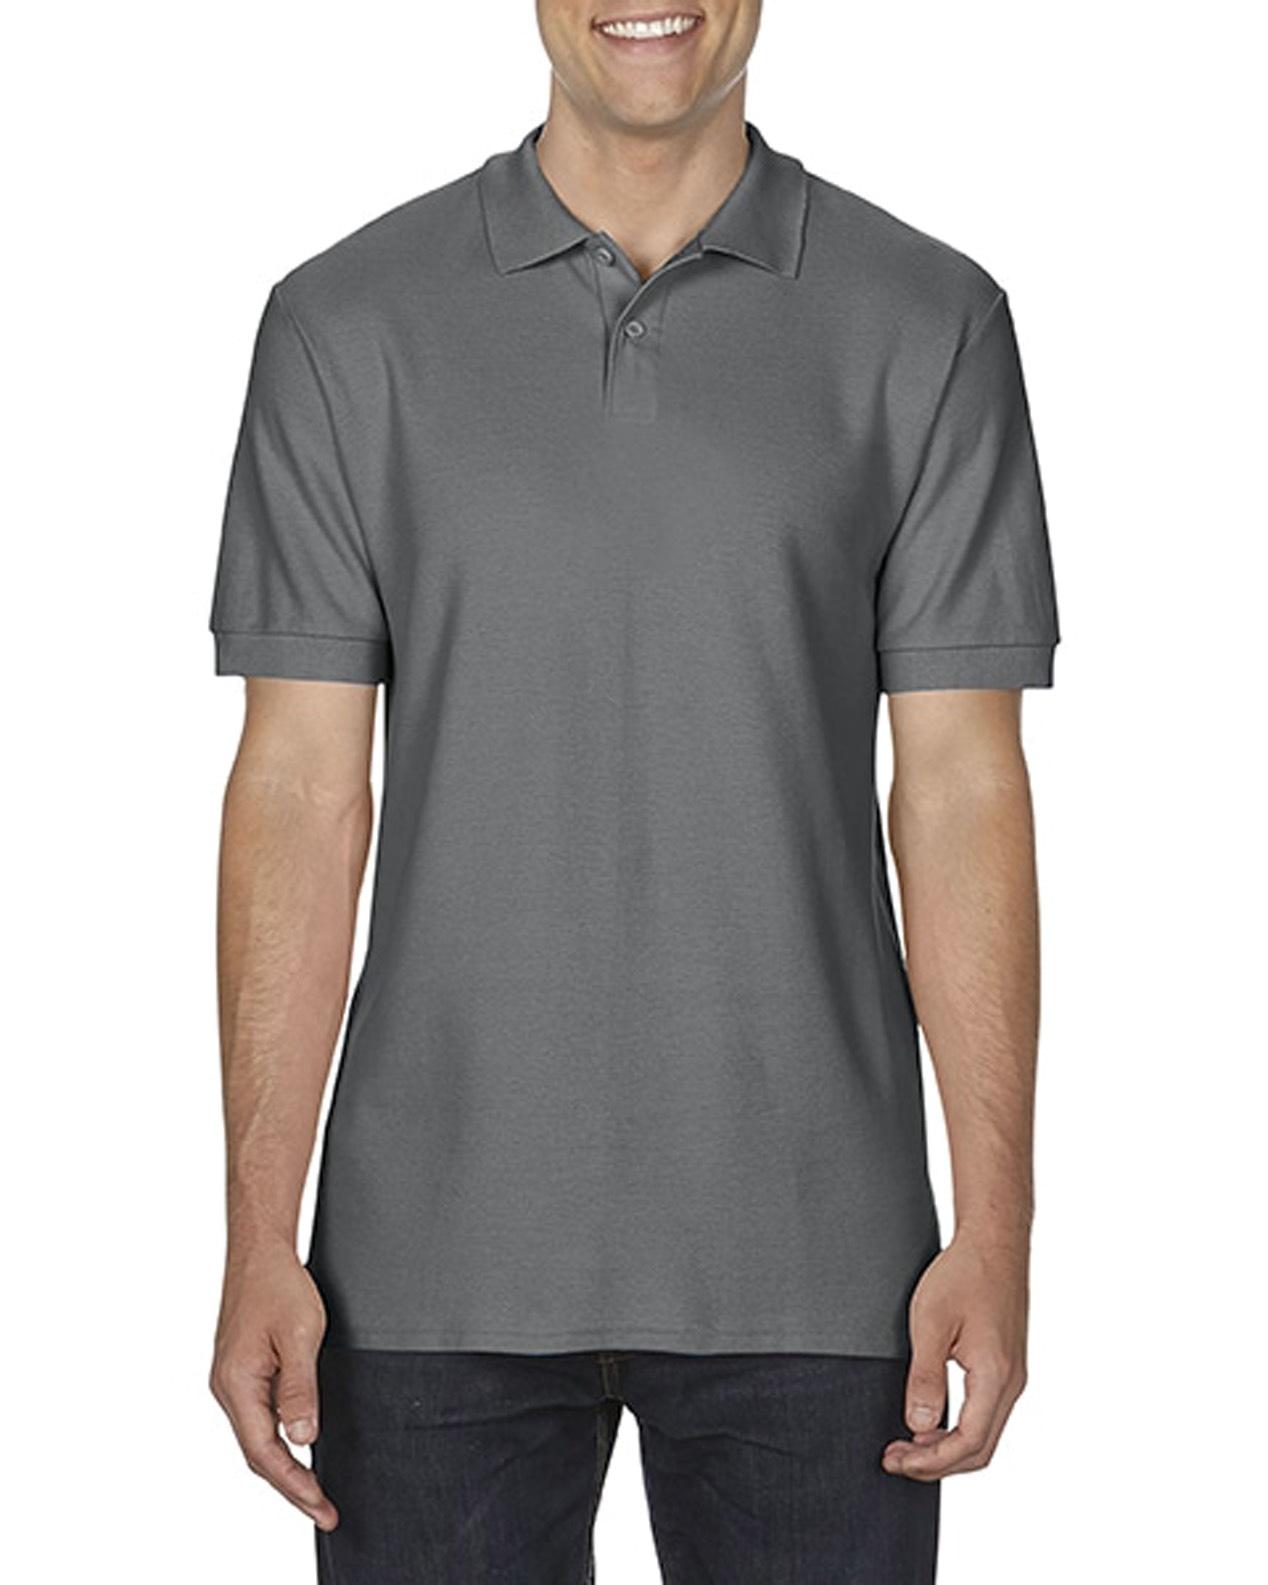 100 cotton Gildan polo shirt charcoal